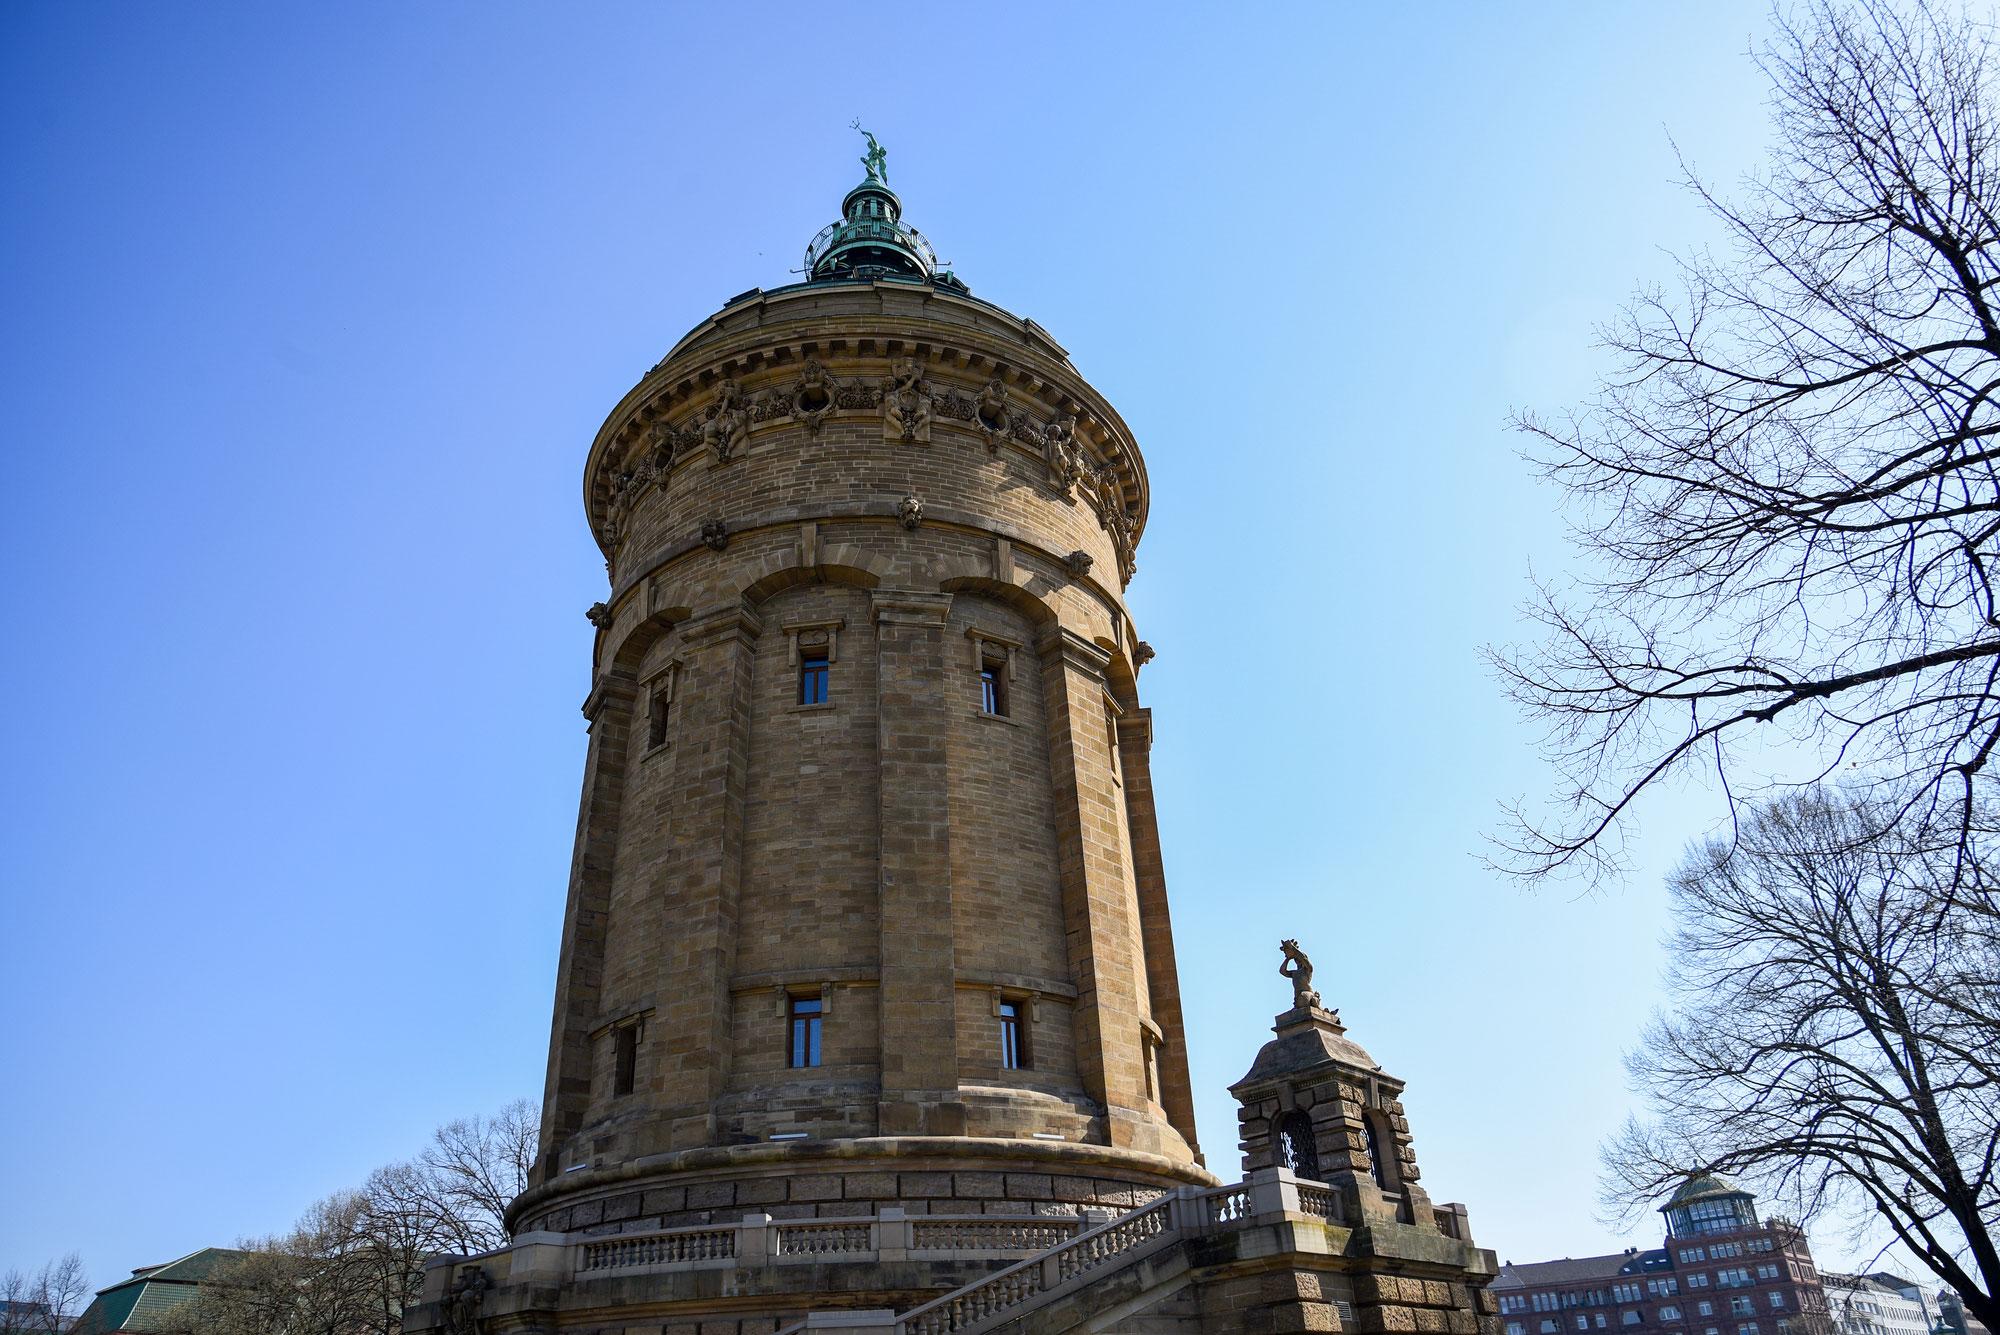 Mannheim startet Pilotprojekt: Geruchstests für Schüler*innen